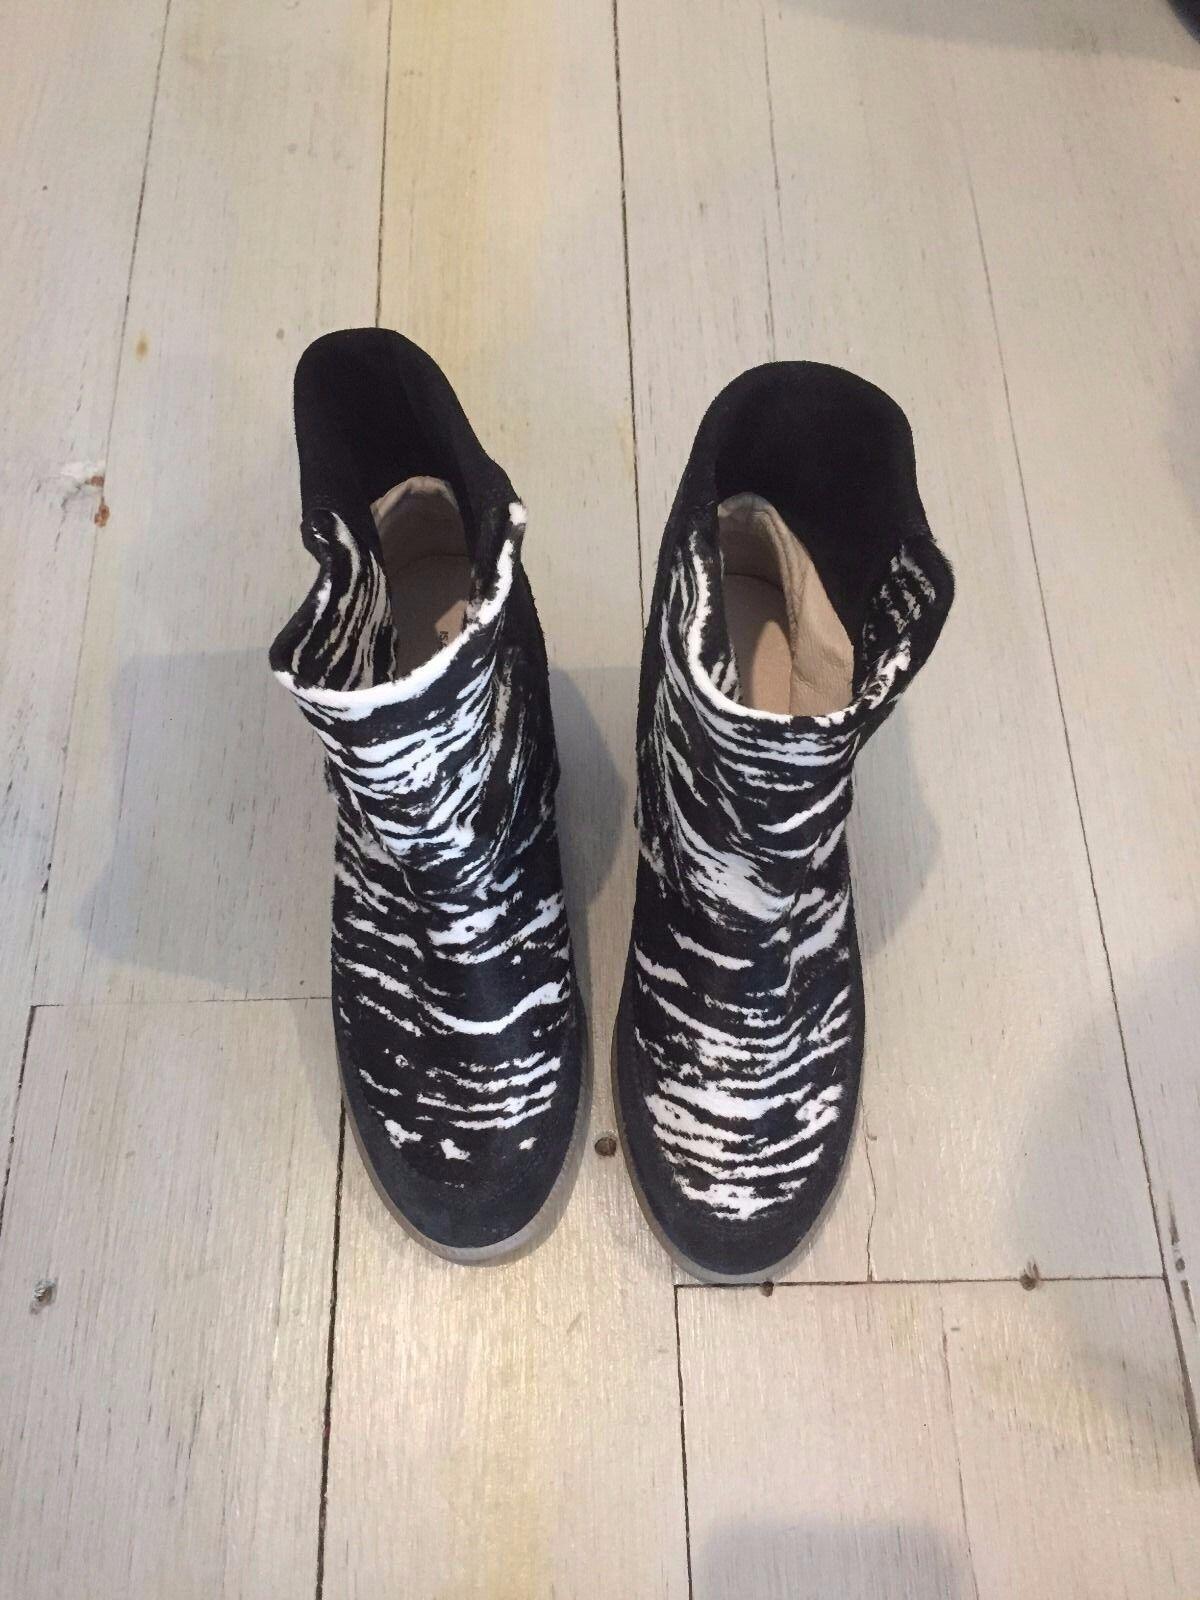 Isabel Marant Zebra Calf Hair and Suede hidden wedge bootie, 37, NEW